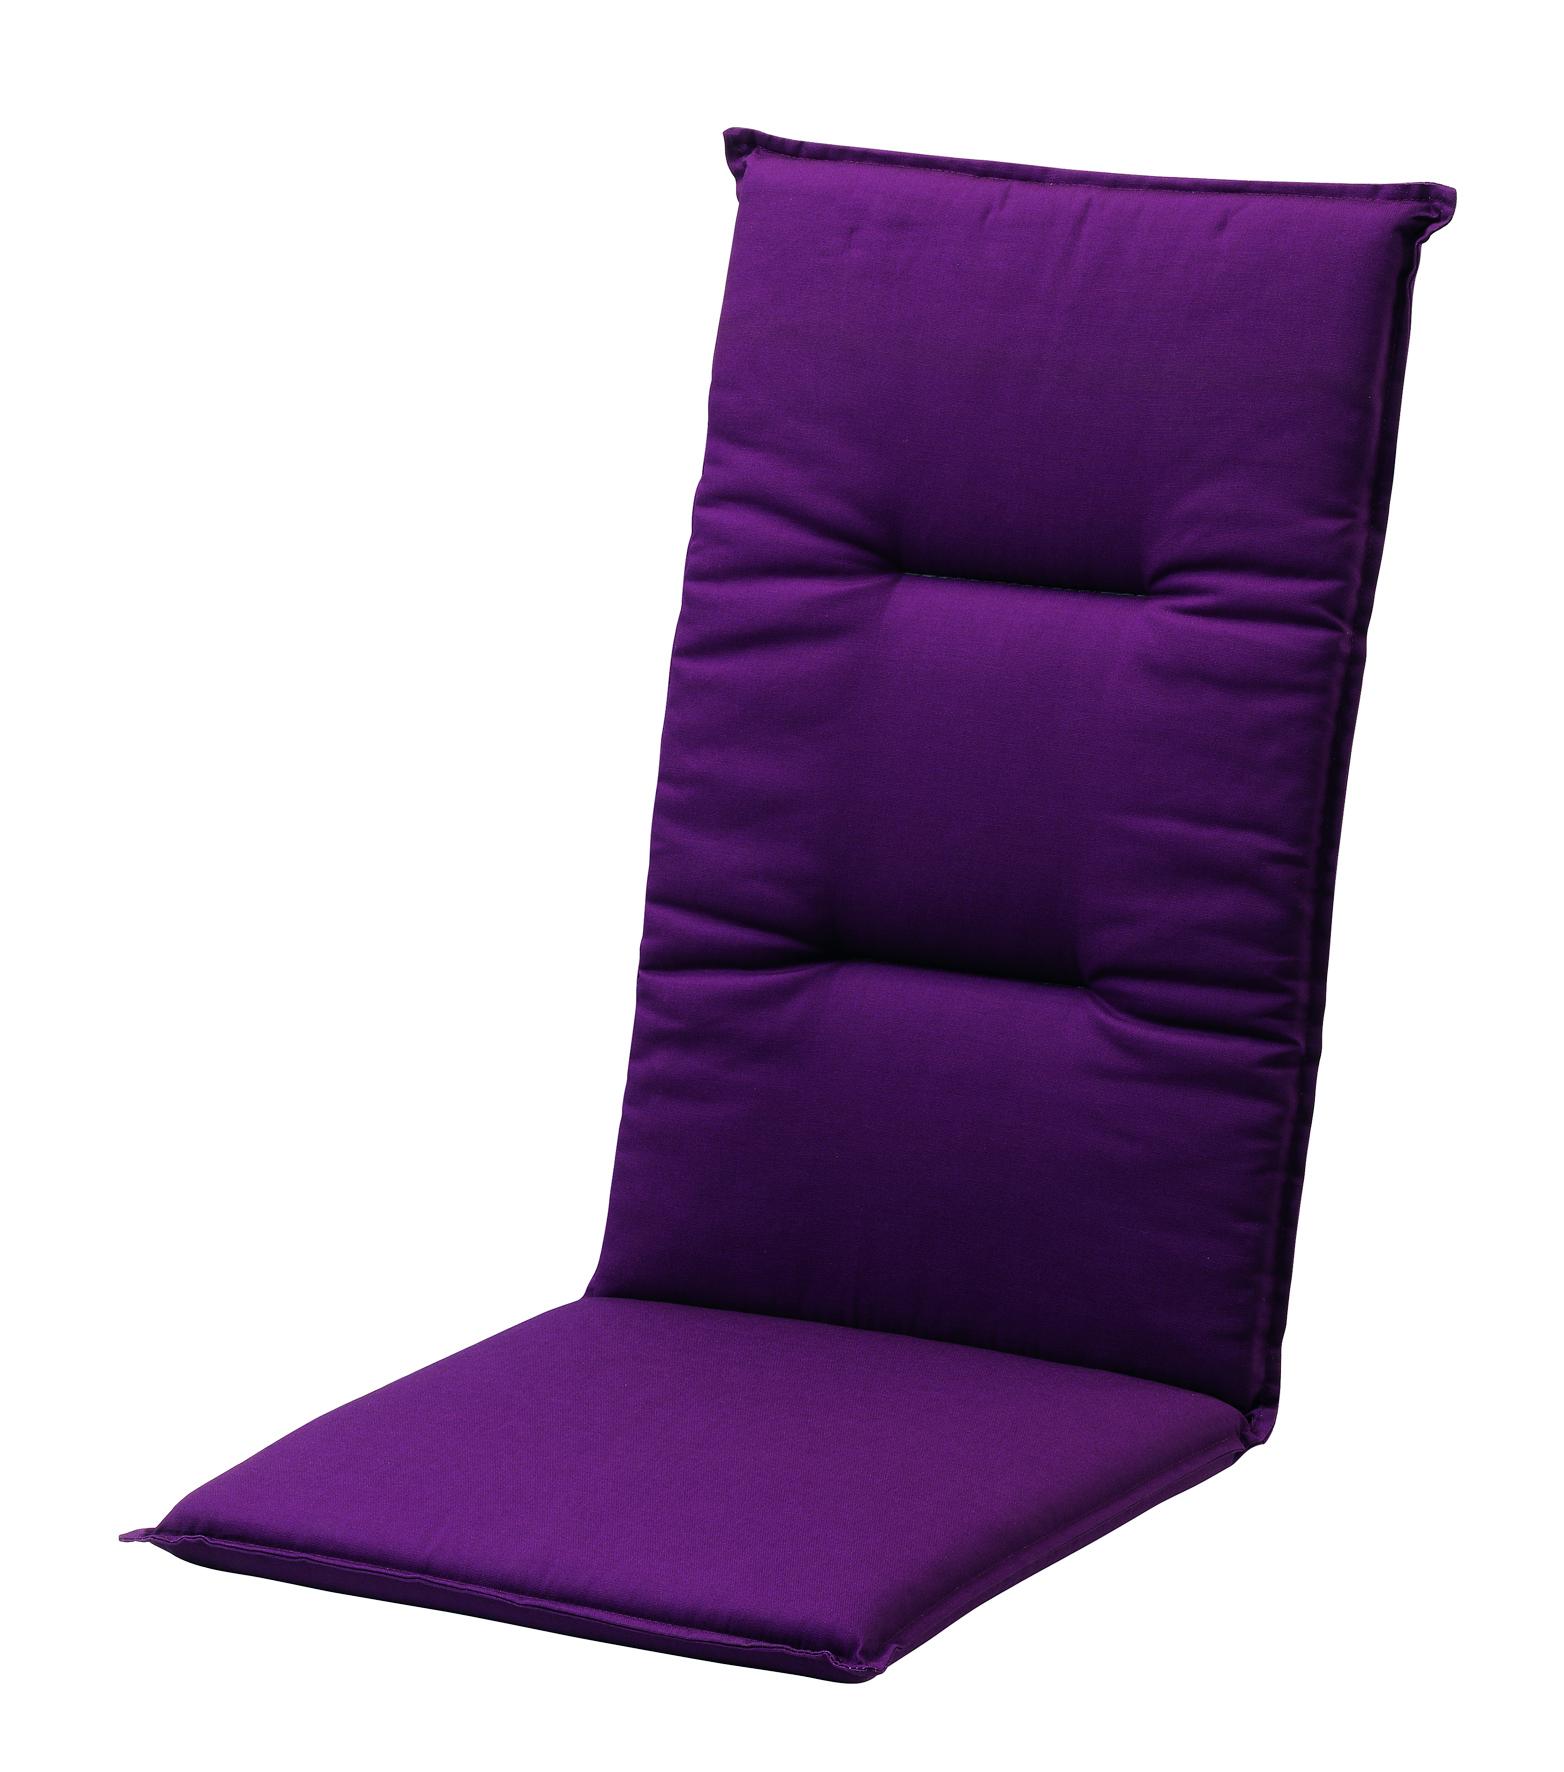 Gartenmobel Outlet Munchen : Auflagen 116x48x5cm lila uni  für Stühle mit hoher Lehne  Auflagen